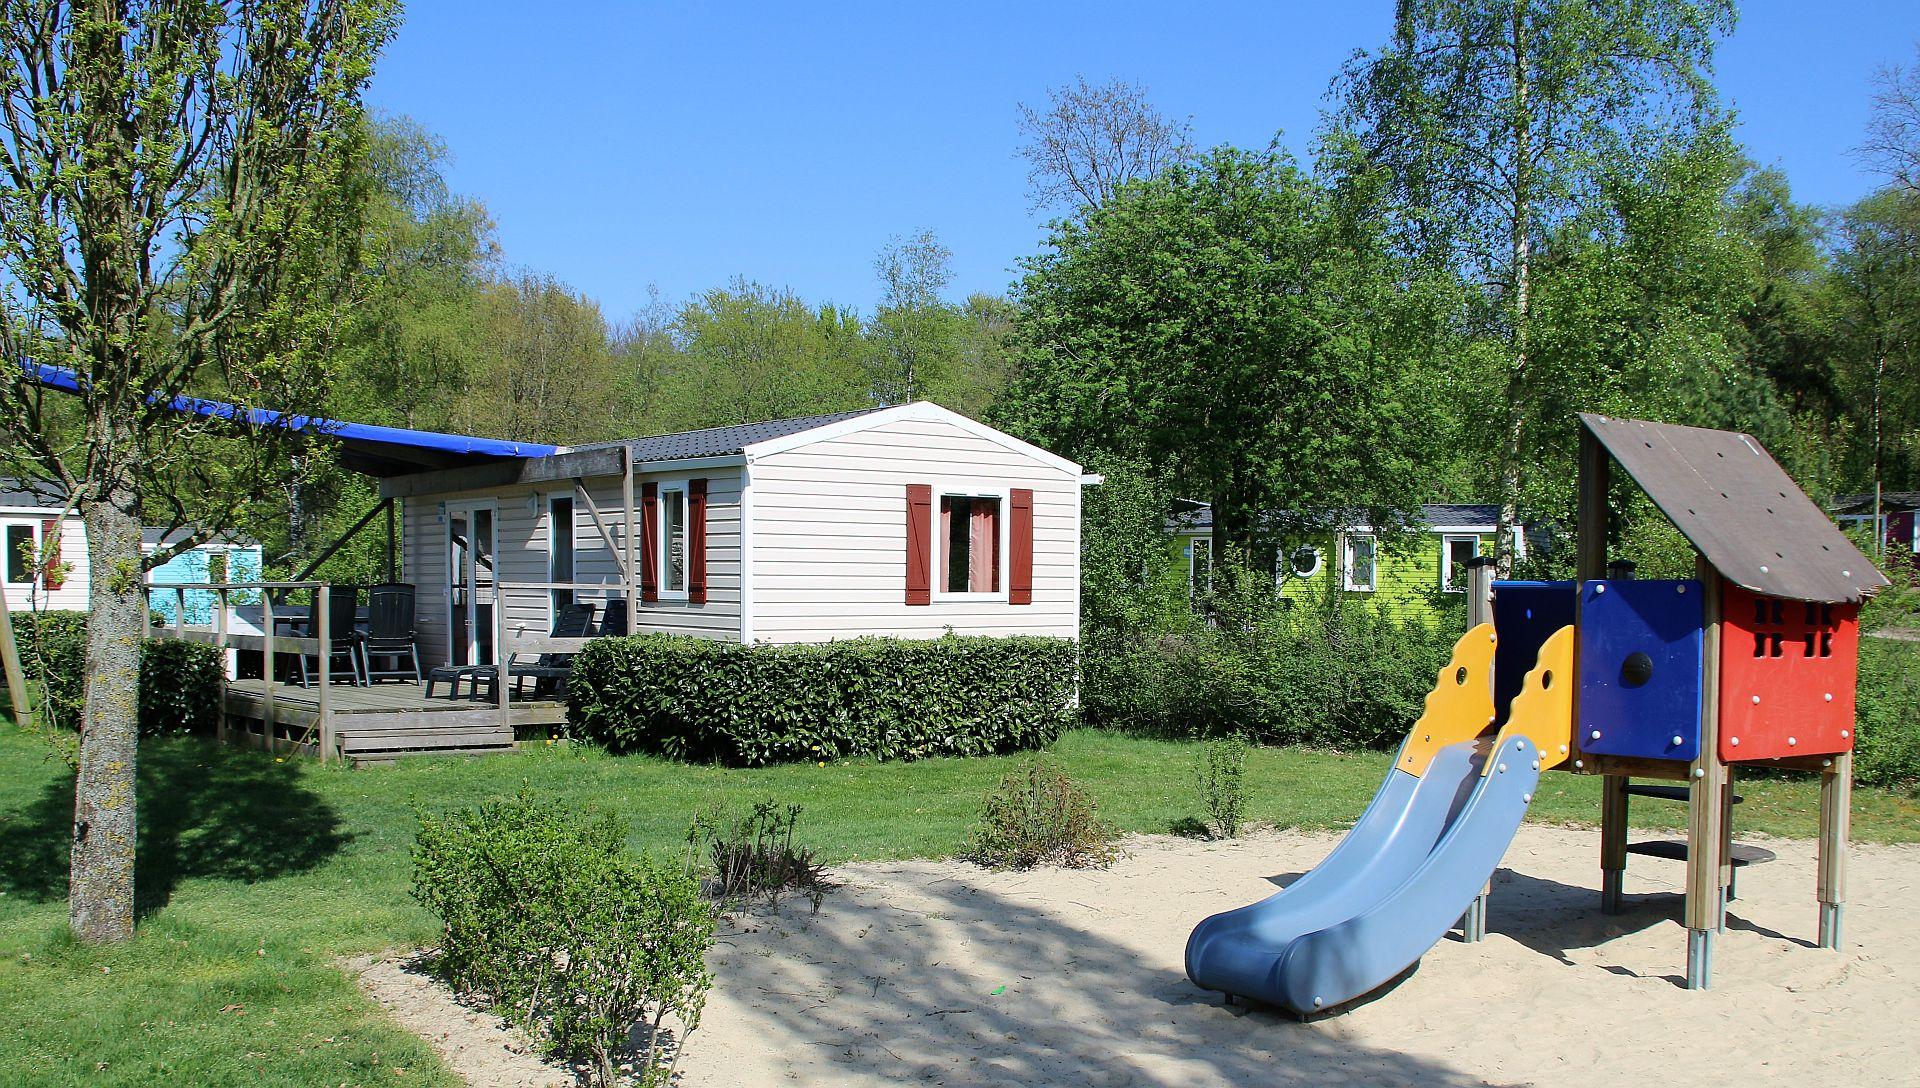 Herfstvakantie kamperen met overdekte voorzieningen - Herfstvakantie kamperen